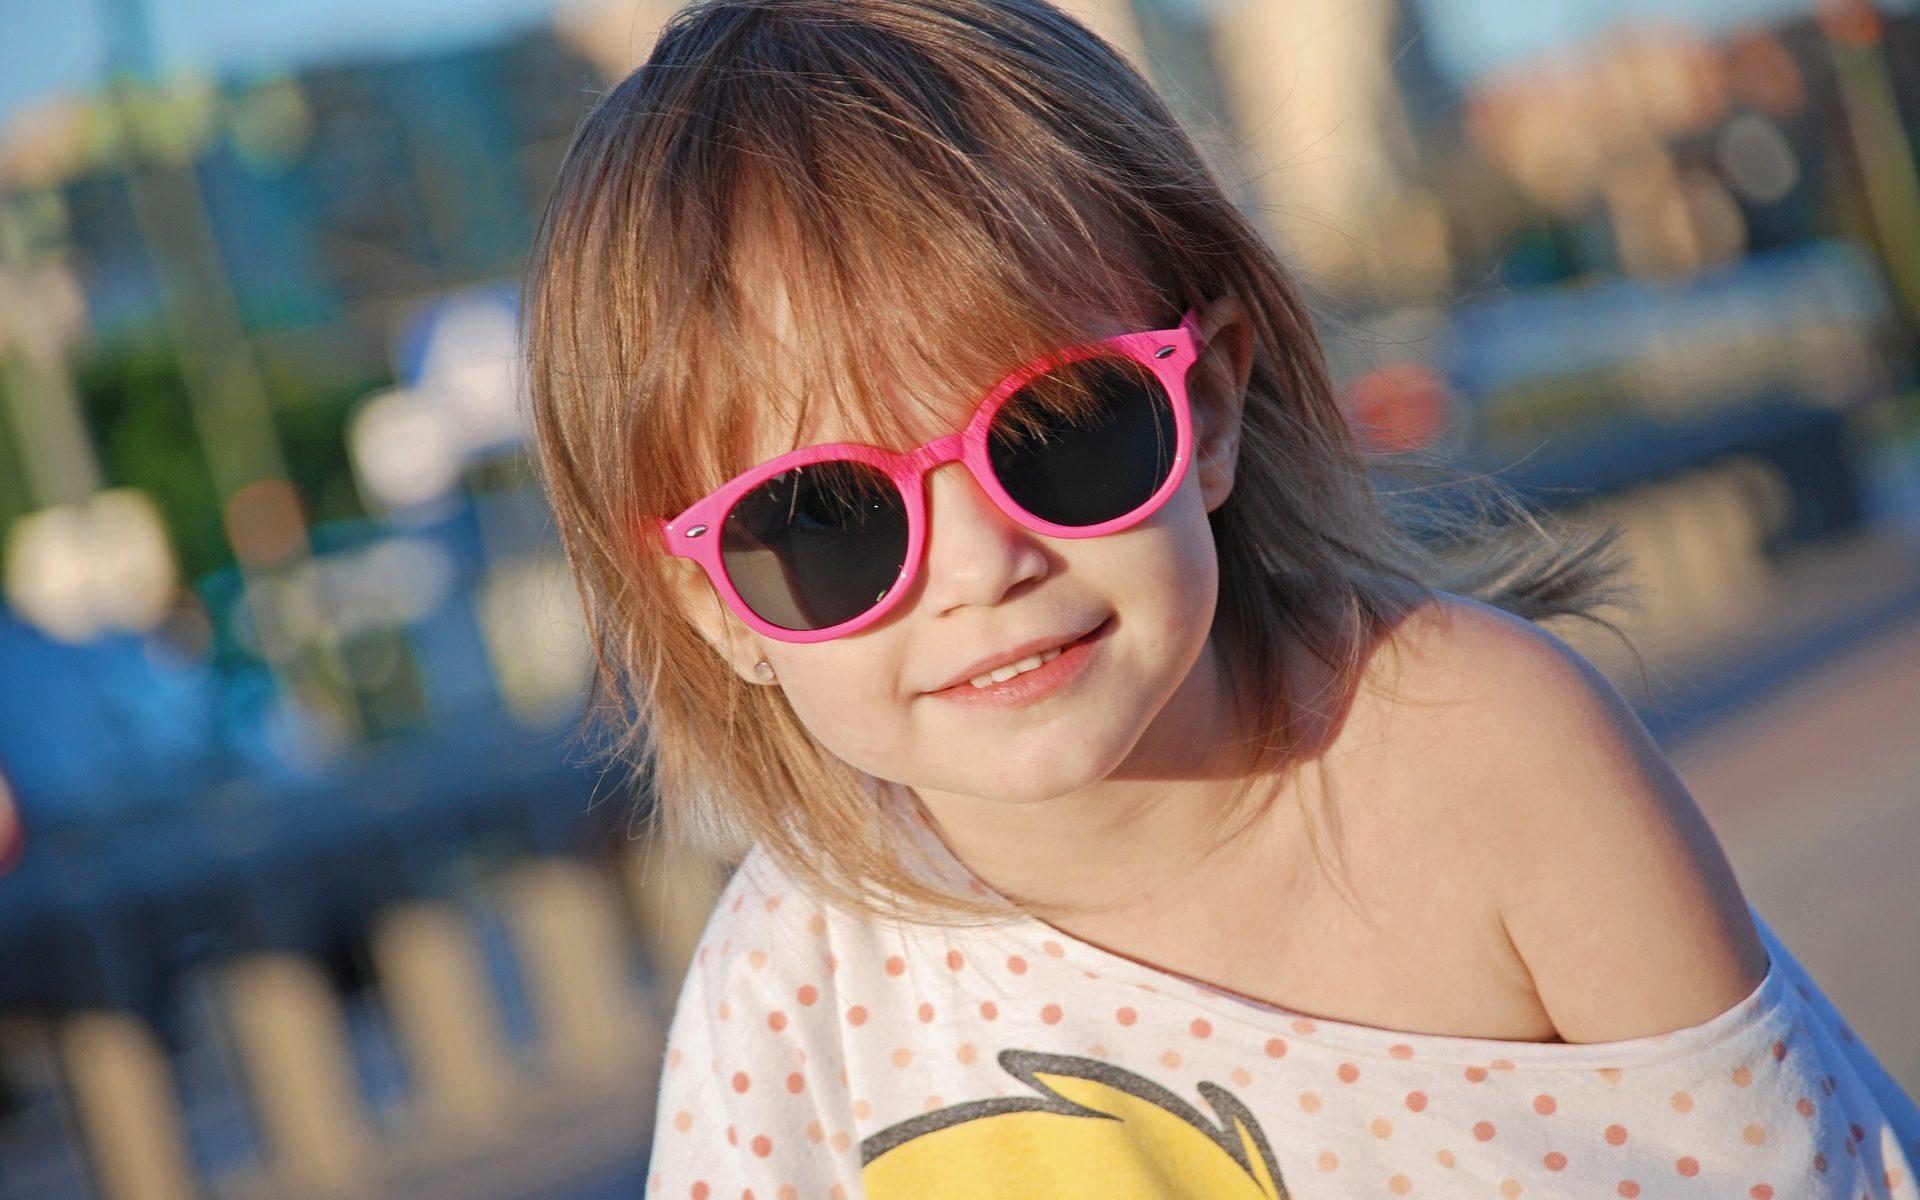 Gyerek napszemüvegek - Kommentek 8a6bc6b748